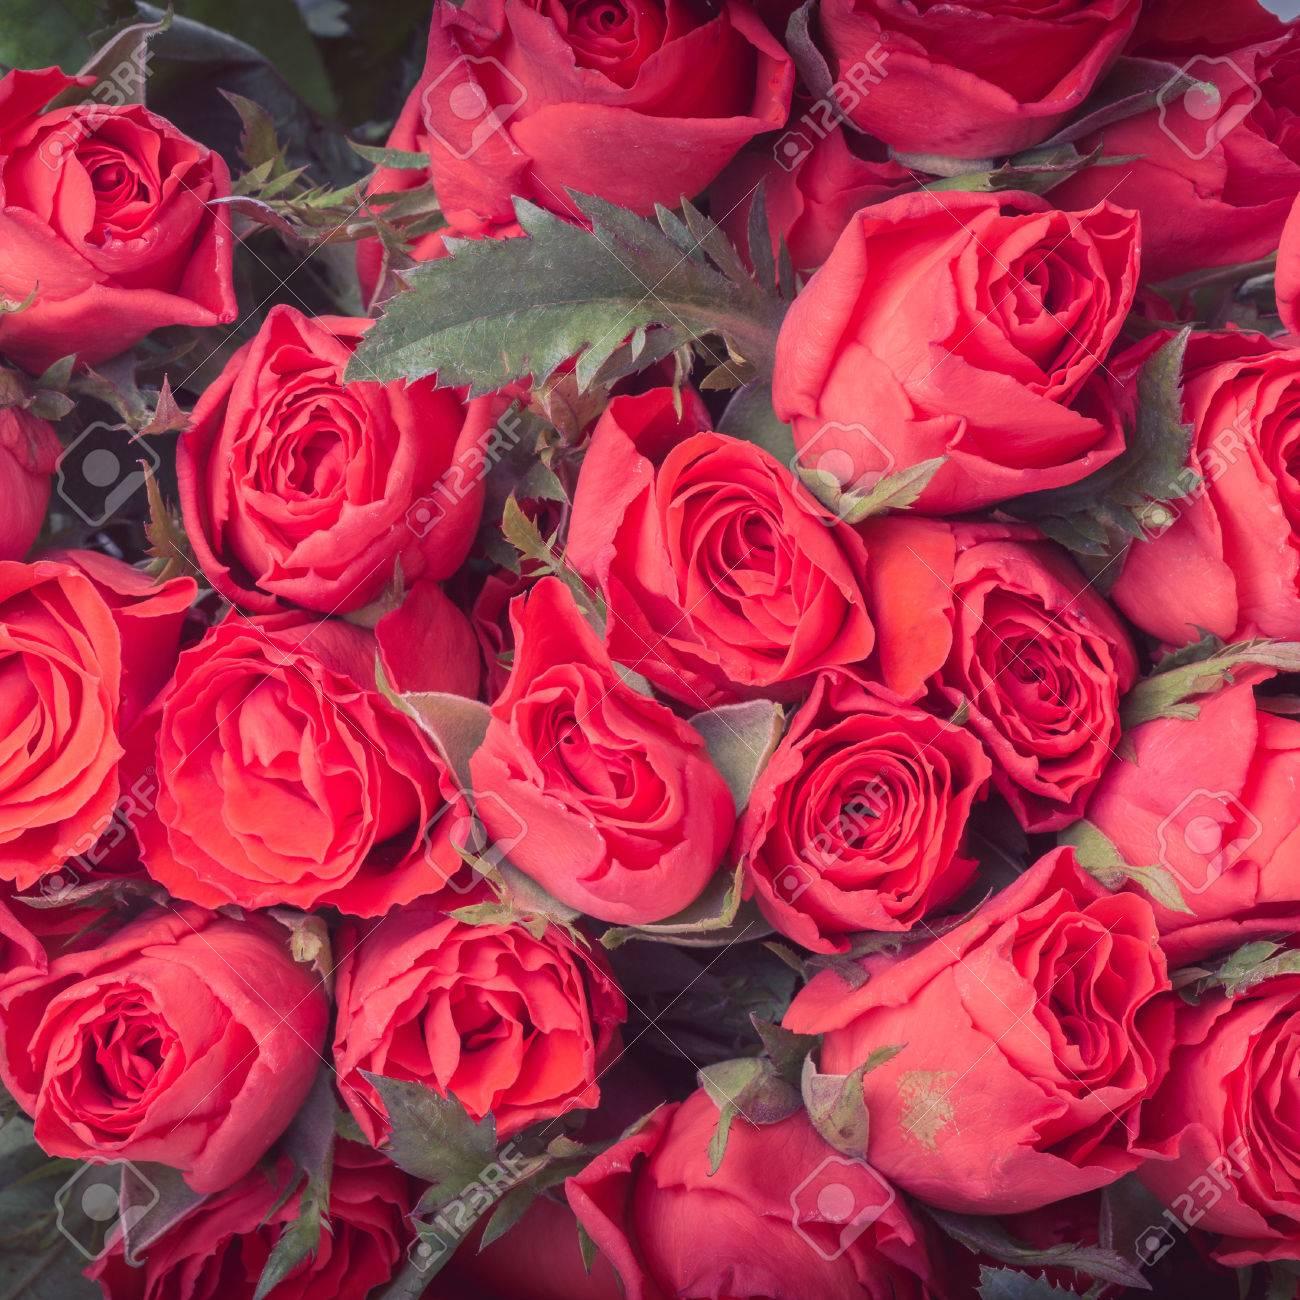 赤いバラの花ブーケ ビンテージ背景 の写真素材 画像素材 Image